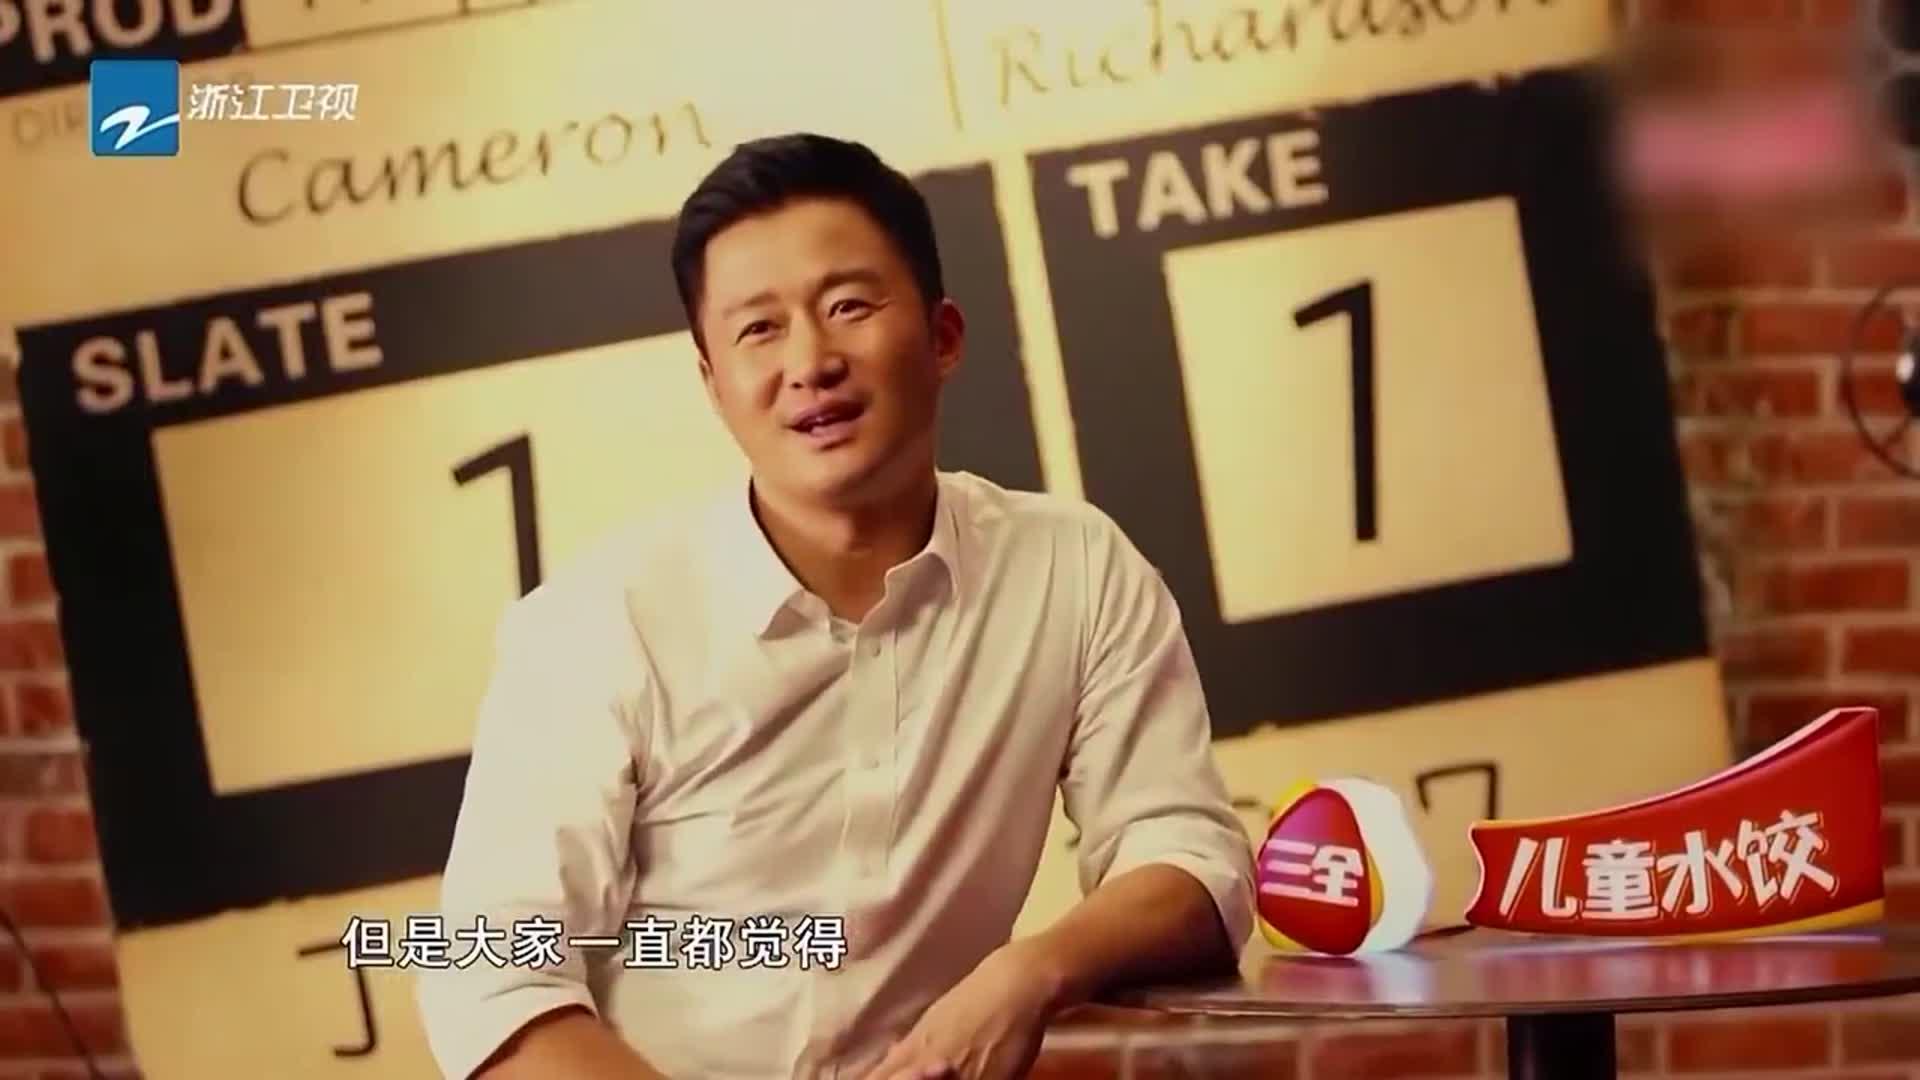 开心剧乐部:吴京表示自己喜欢拍喜剧,还希望再体验一次